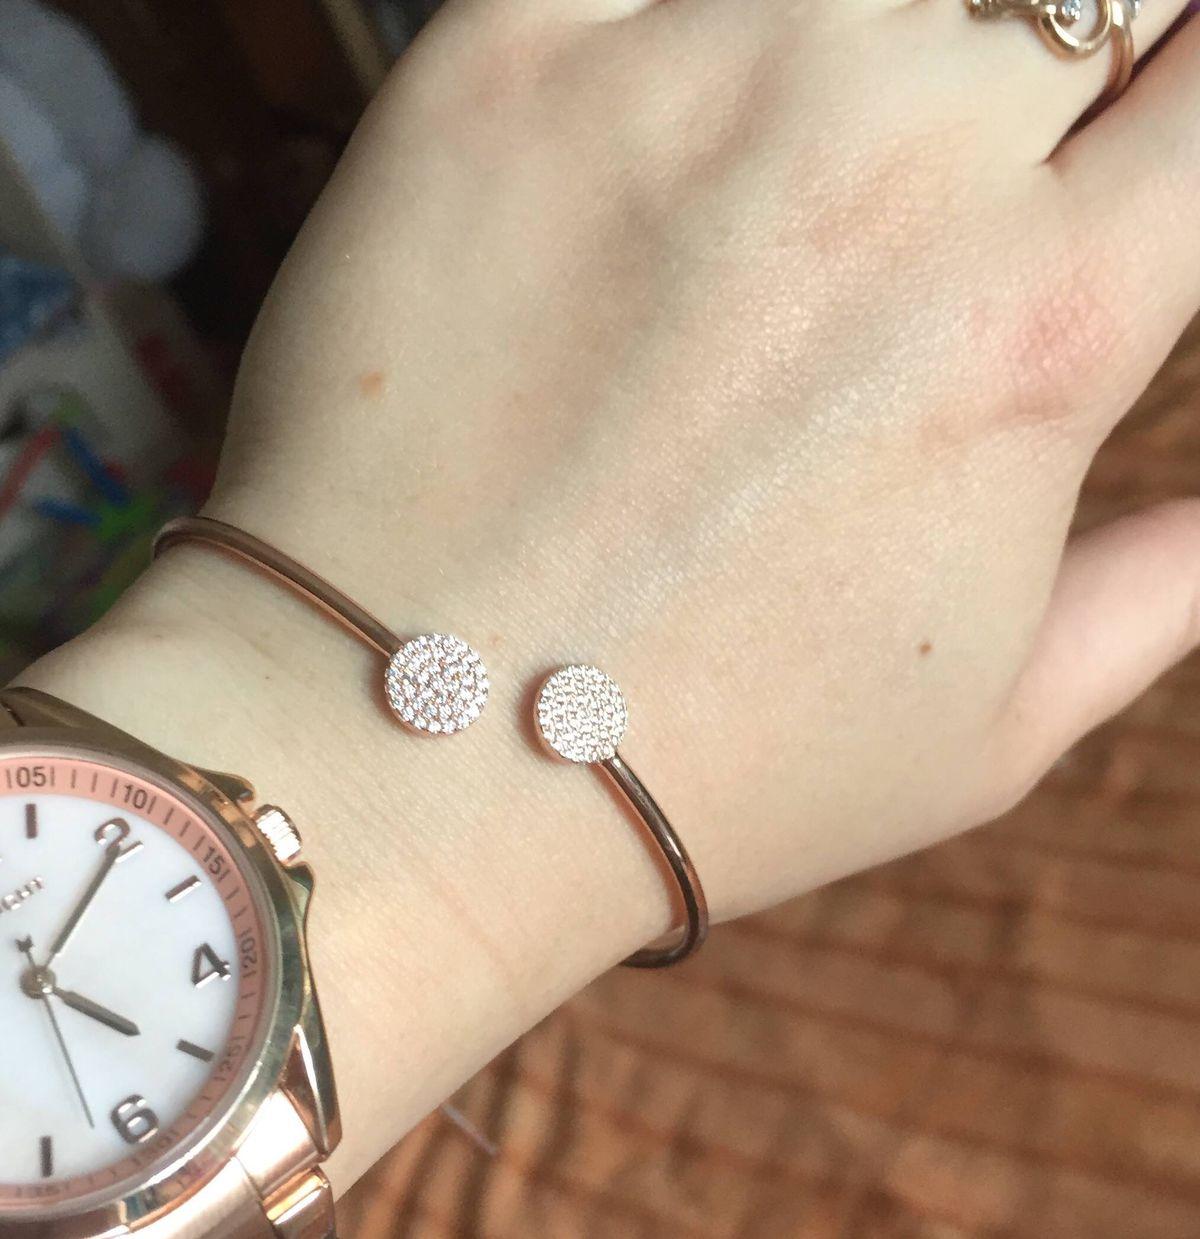 Приобрела браслет в подарок